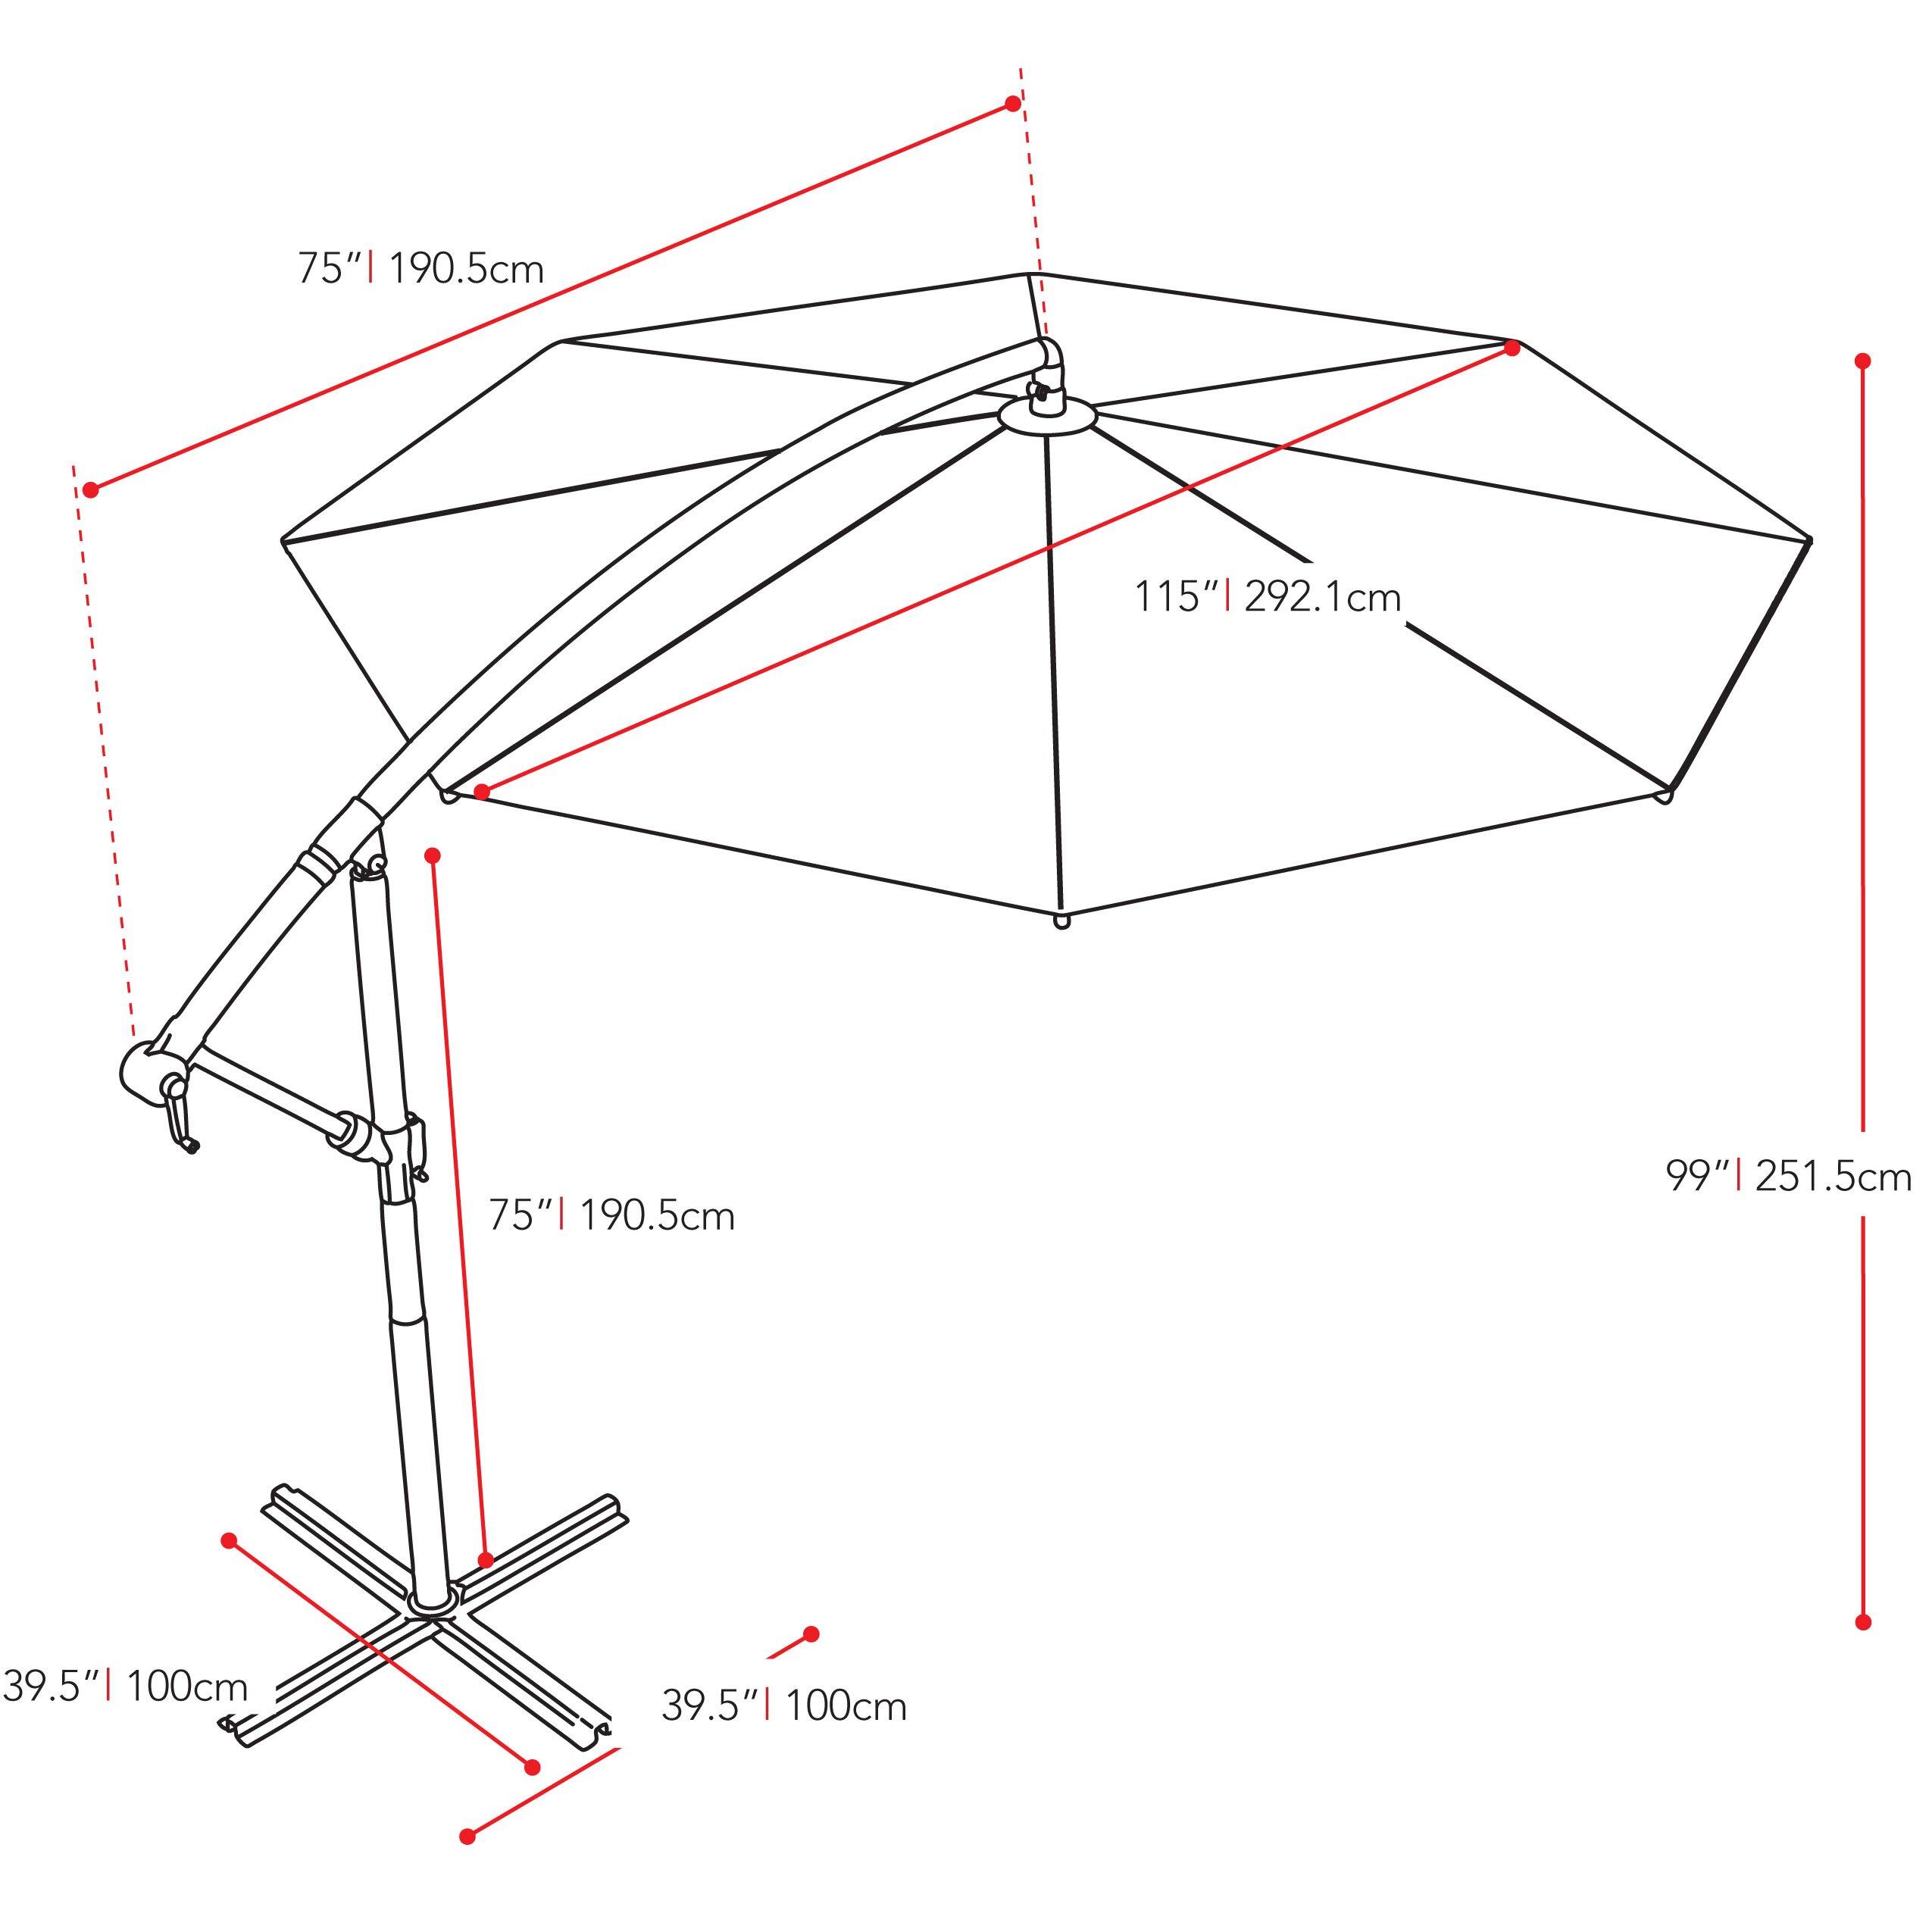 Dcor design 10 39 cantilever umbrella reviews wayfair for Architecture upbrella